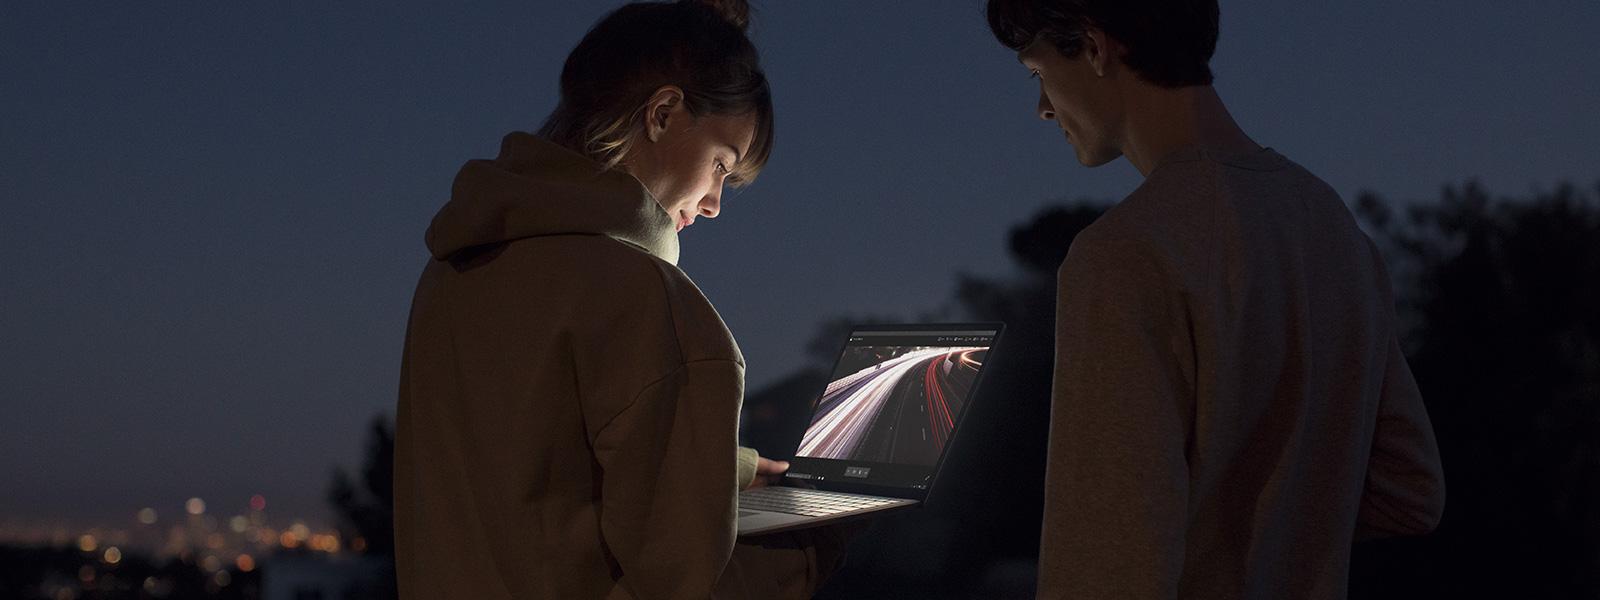 两个人在黑暗中使用 Surface